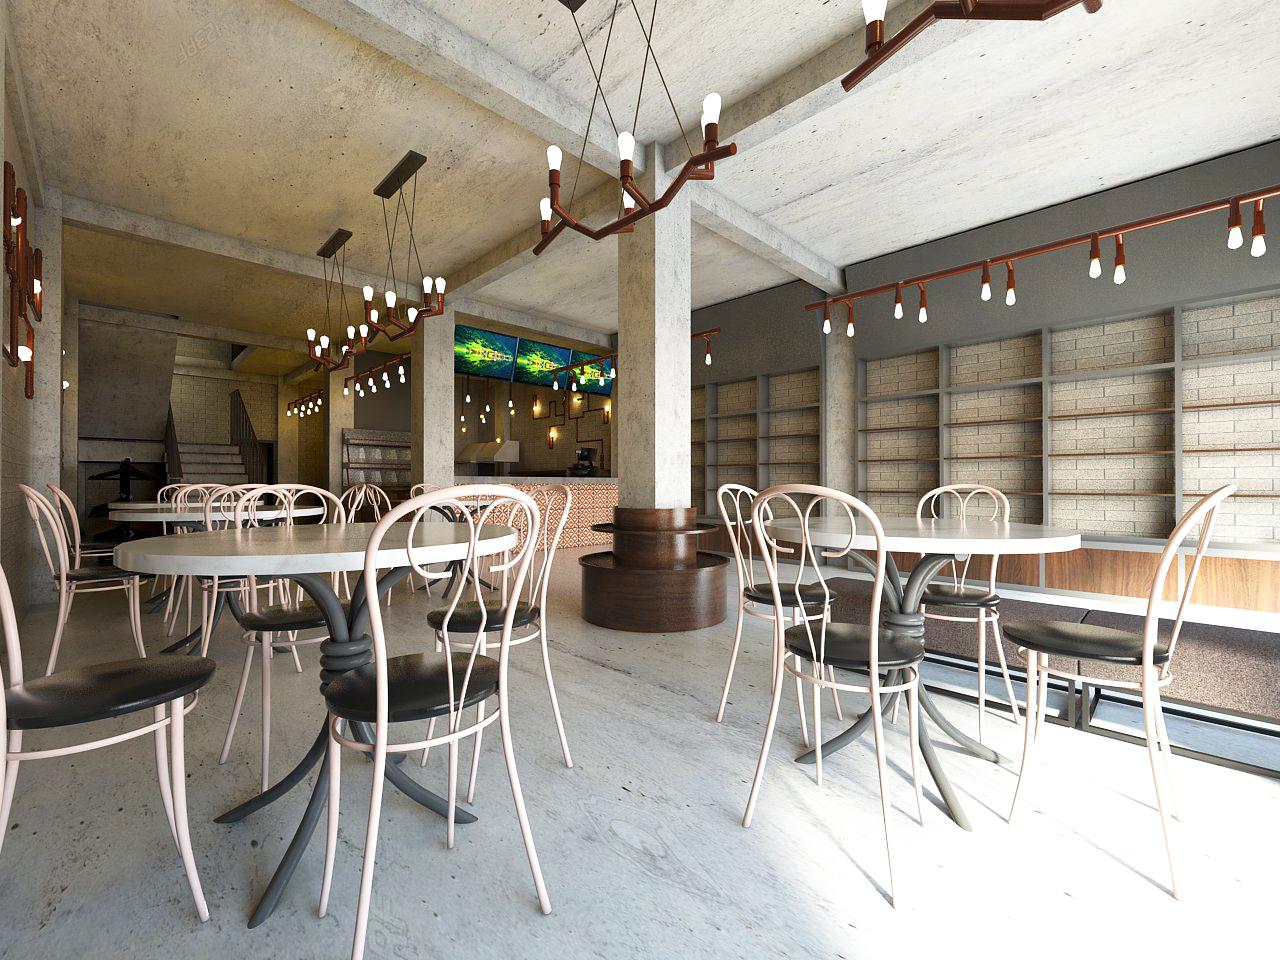 Design Interior Palembang Pempek Candy Roemah Cantik Kota Terkenal Kuliner